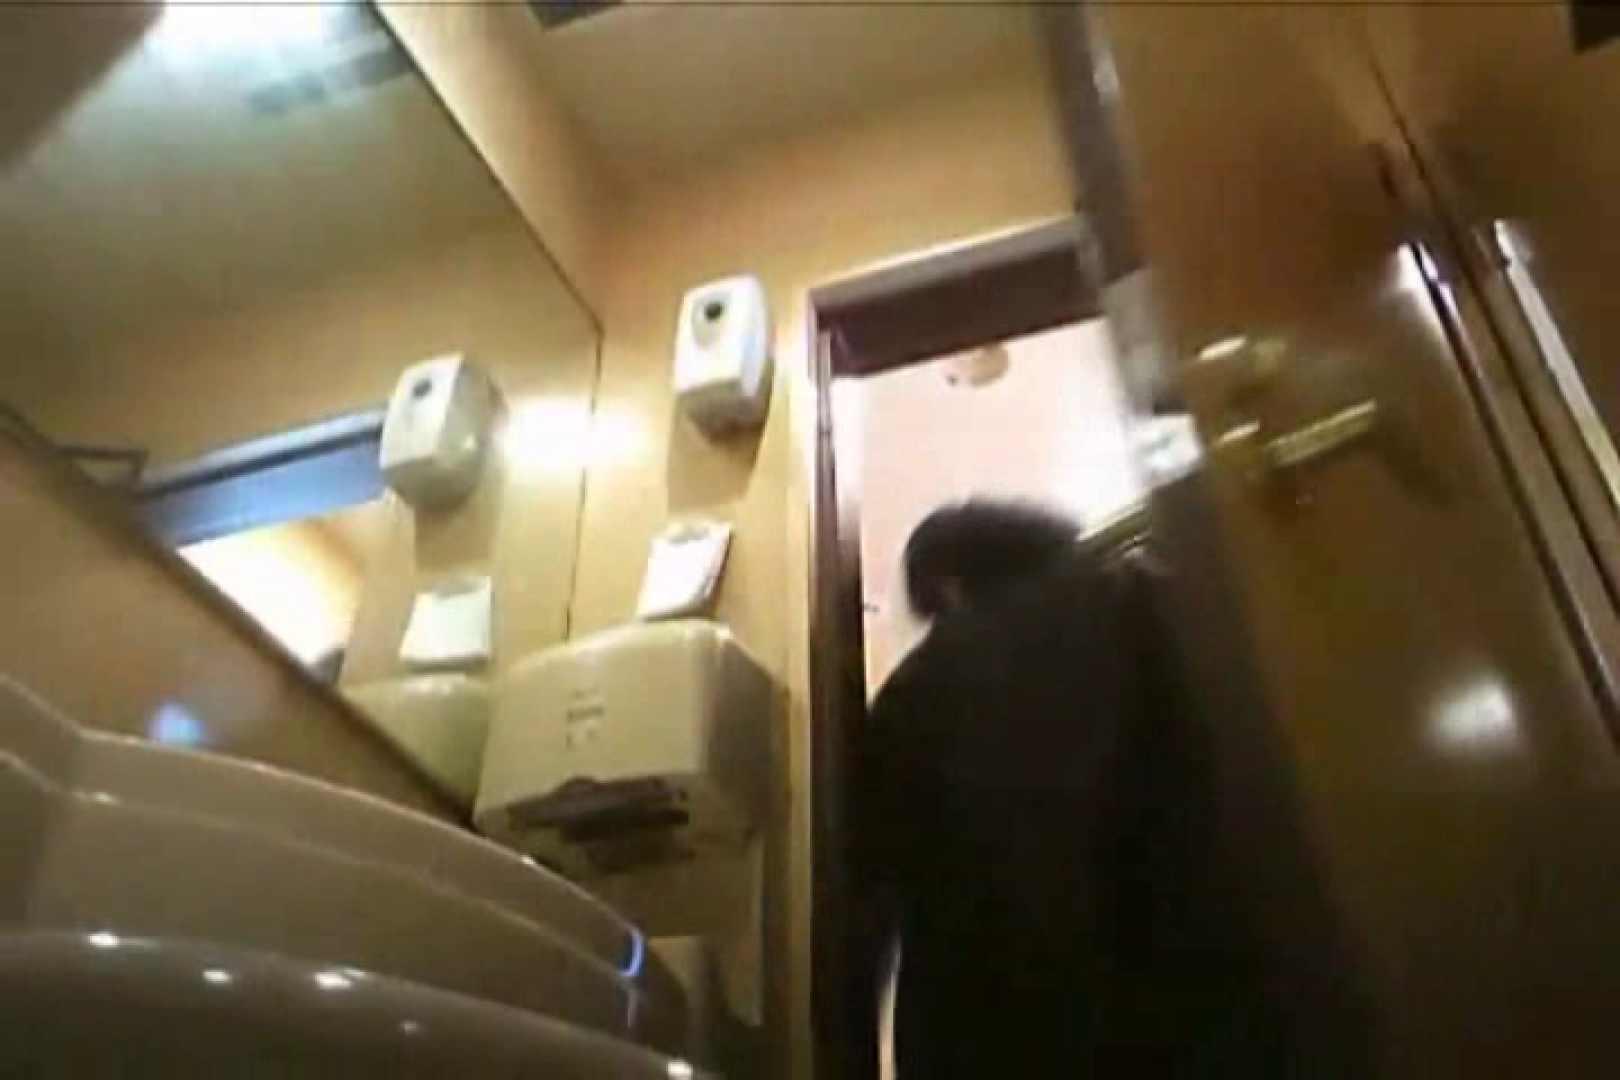 SEASON 2ND!掴み取りさんの洗面所覗き!in新幹線!VOL.21 ボーイズ私服 | 完全無修正でお届け  110pic 92